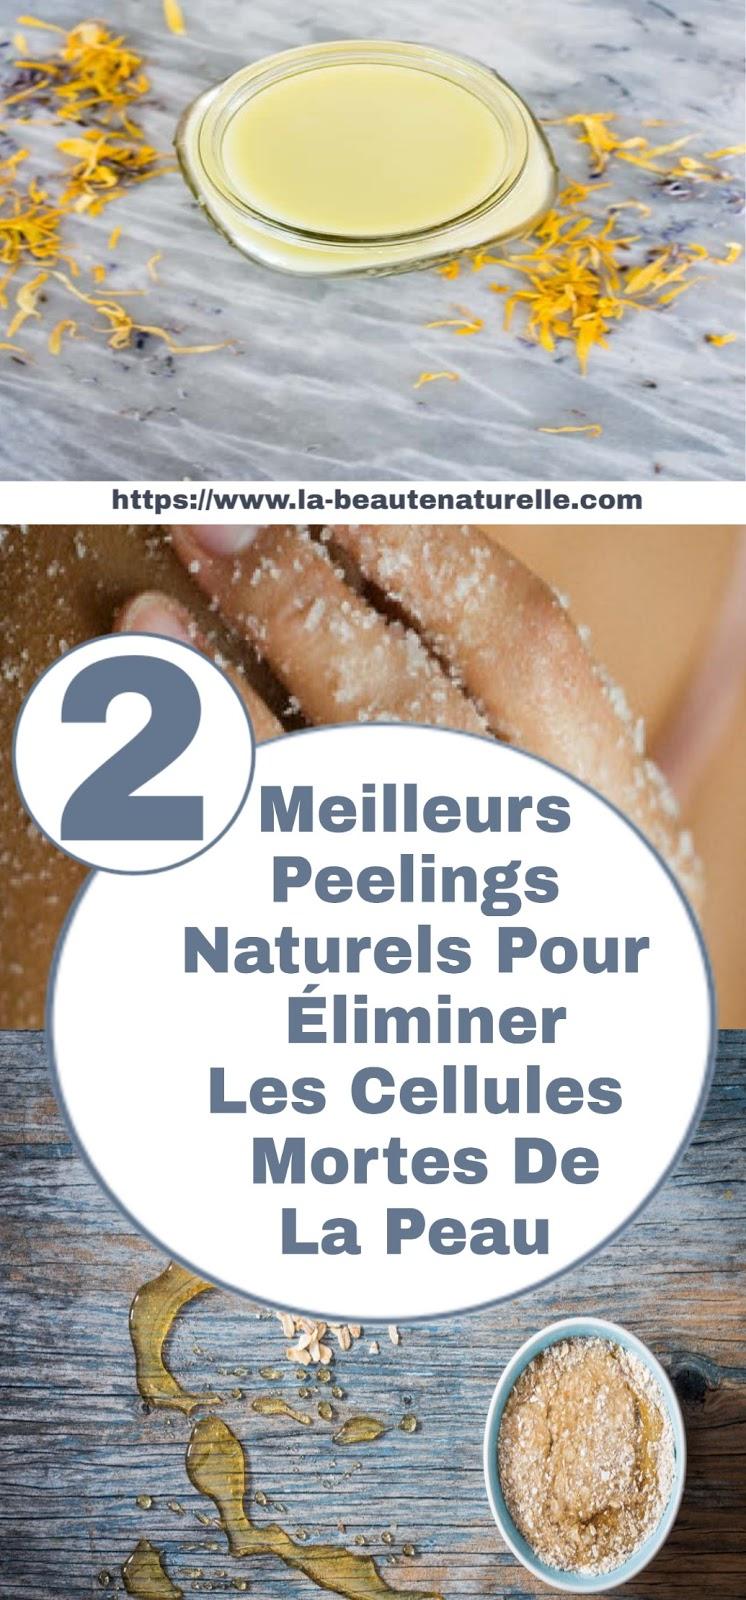 2 Meilleurs Peelings Naturels Pour Éliminer Les Cellules Mortes De La Peau